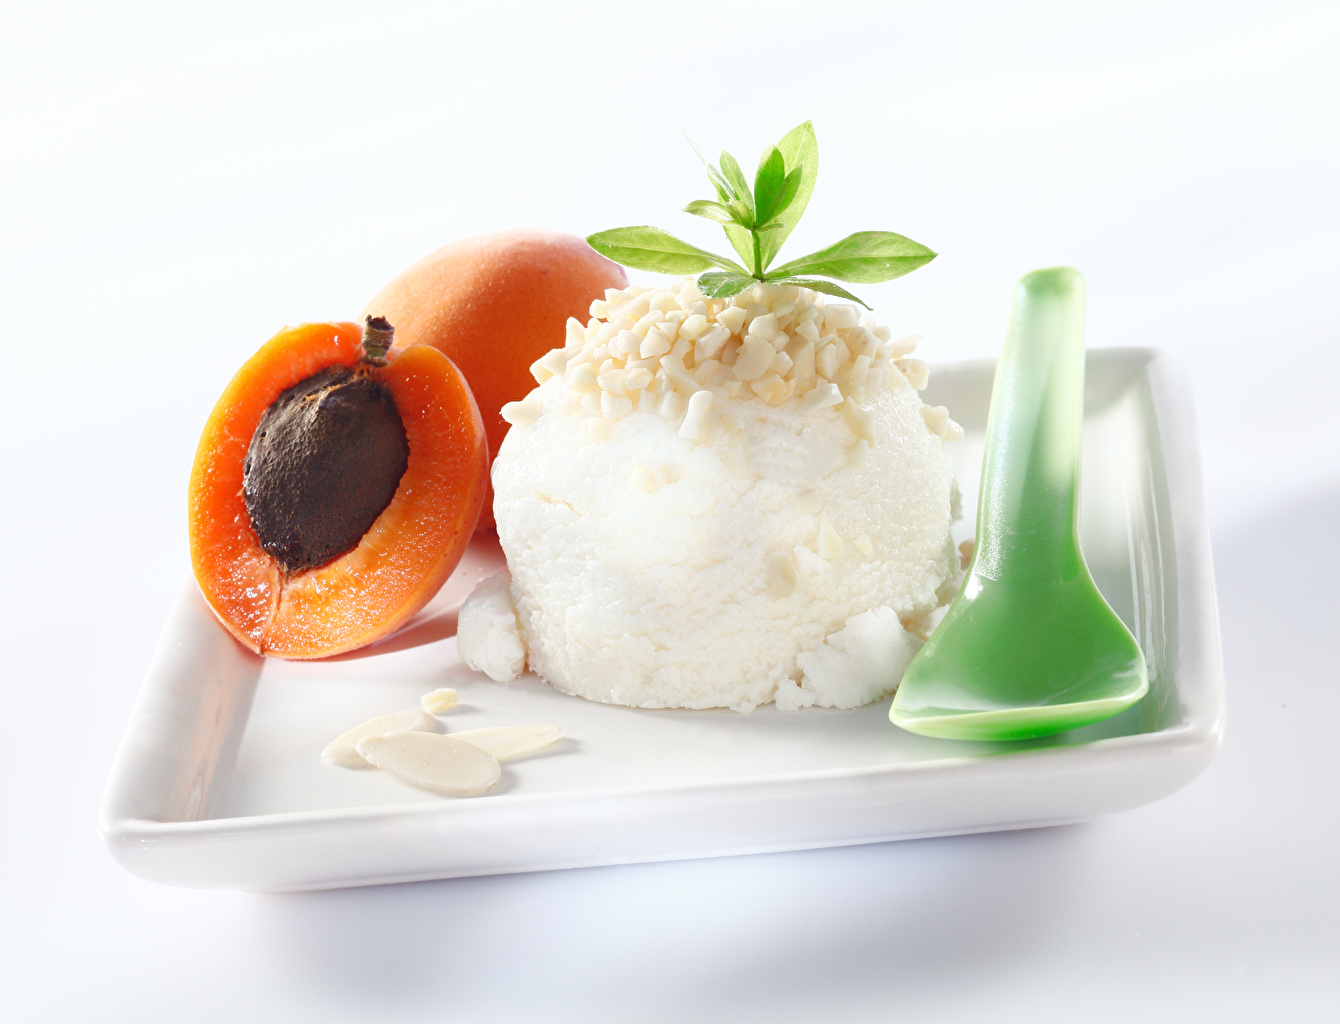 Картинка Абрикос Мороженое Шар Пища Ложка Сладости Белый фон Еда ложки Шарики Продукты питания белом фоне белым фоном сладкая еда